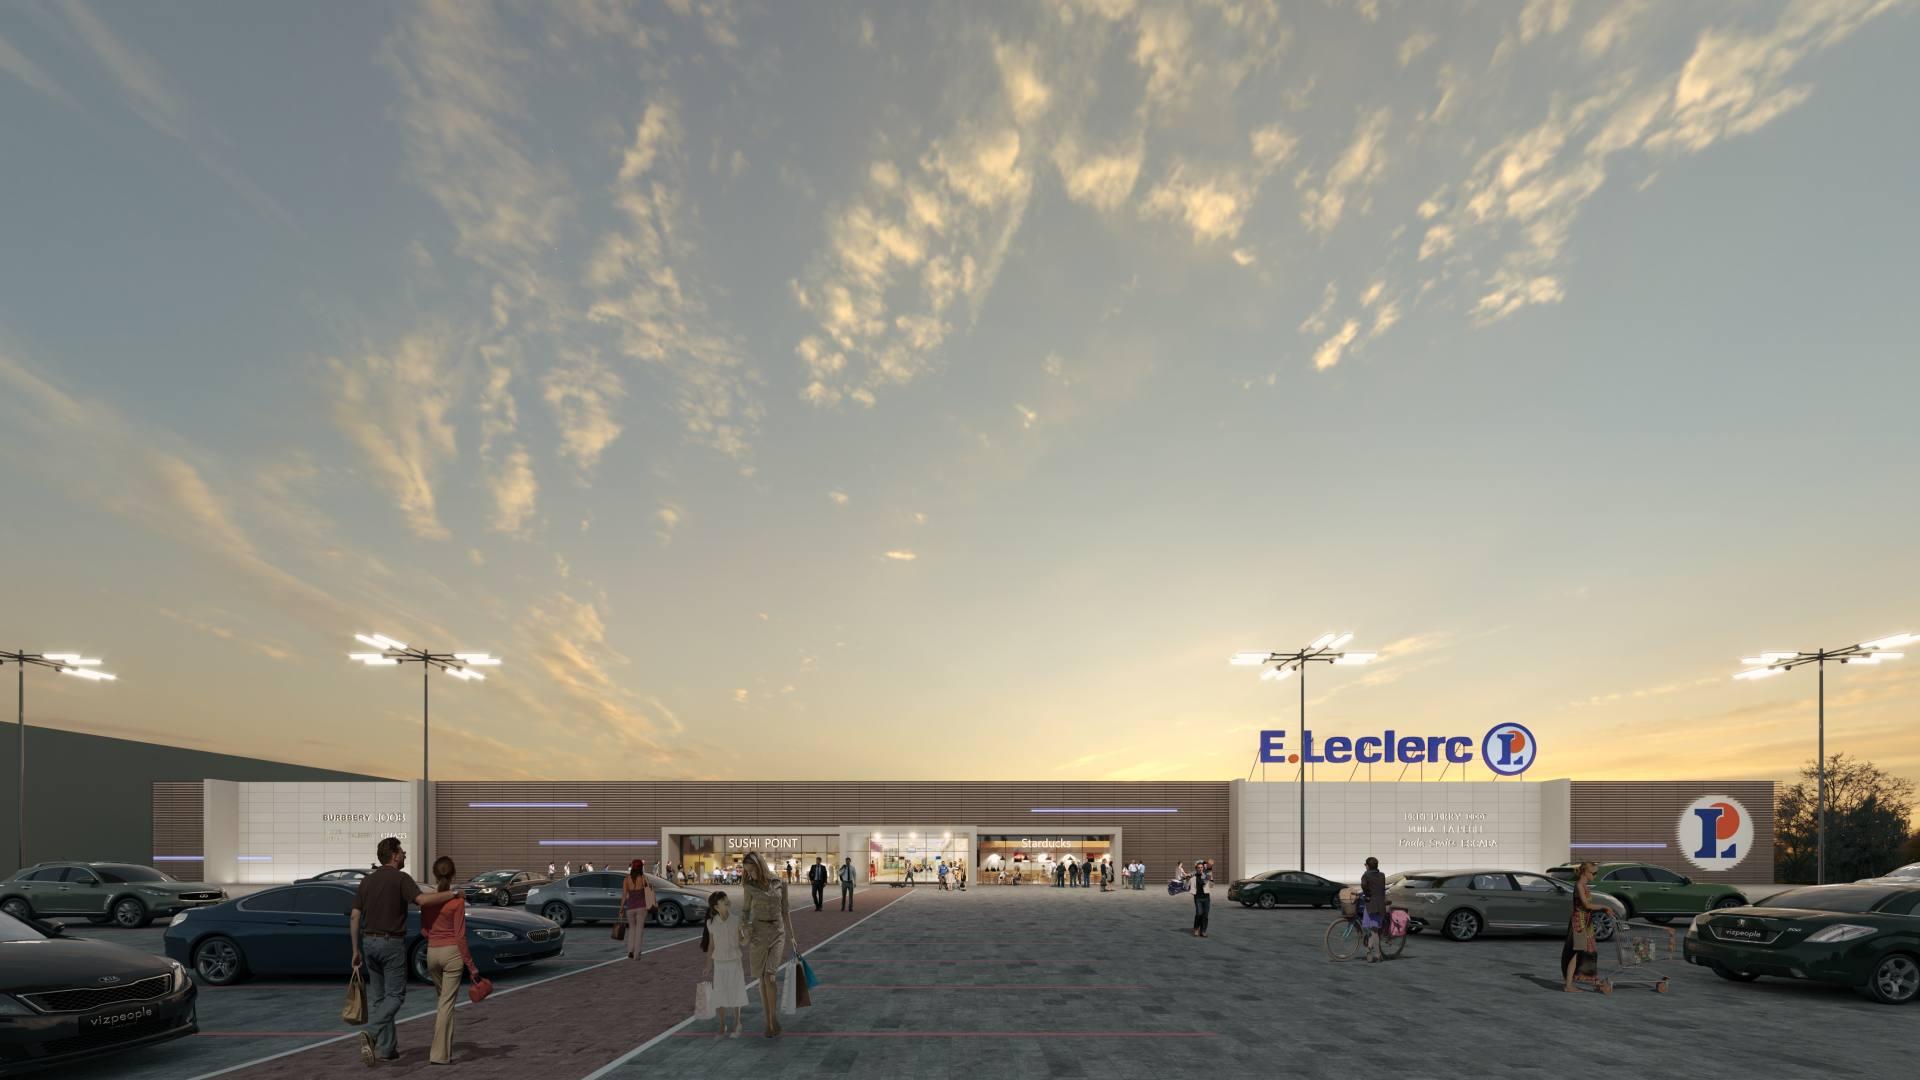 elewacja koncepcja modernizacji widok 2 E.Leclerc rozbuduje centrum handlowe w Zamościu